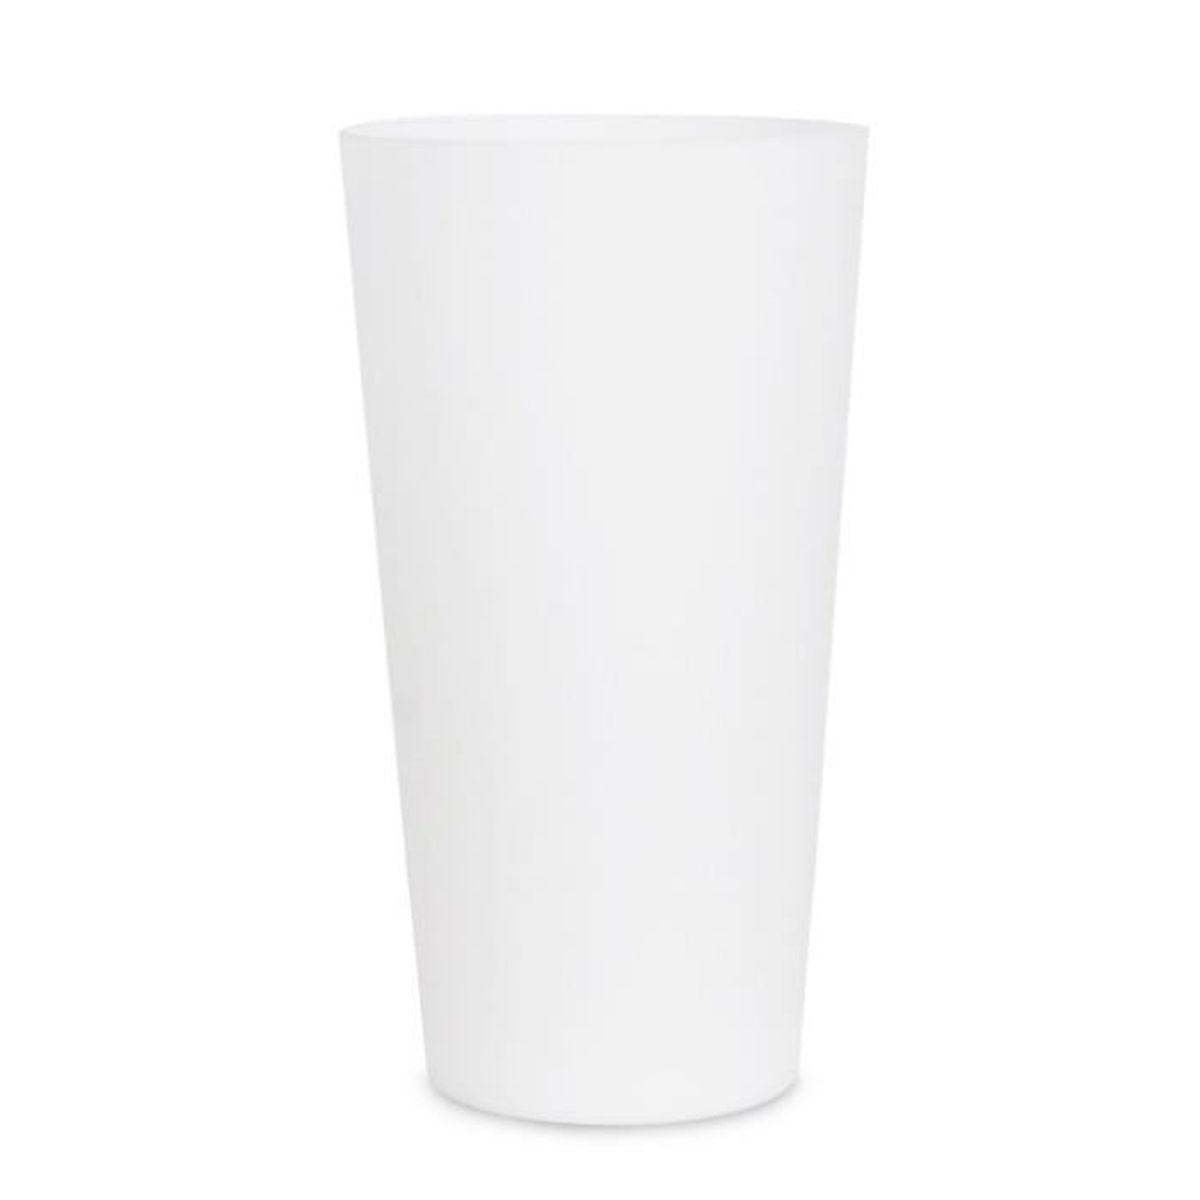 """Lampe de Table ou Chevet """"RHONA"""" Cylindre en Verre Blanc Opaline Givré avec doublure en blanc"""